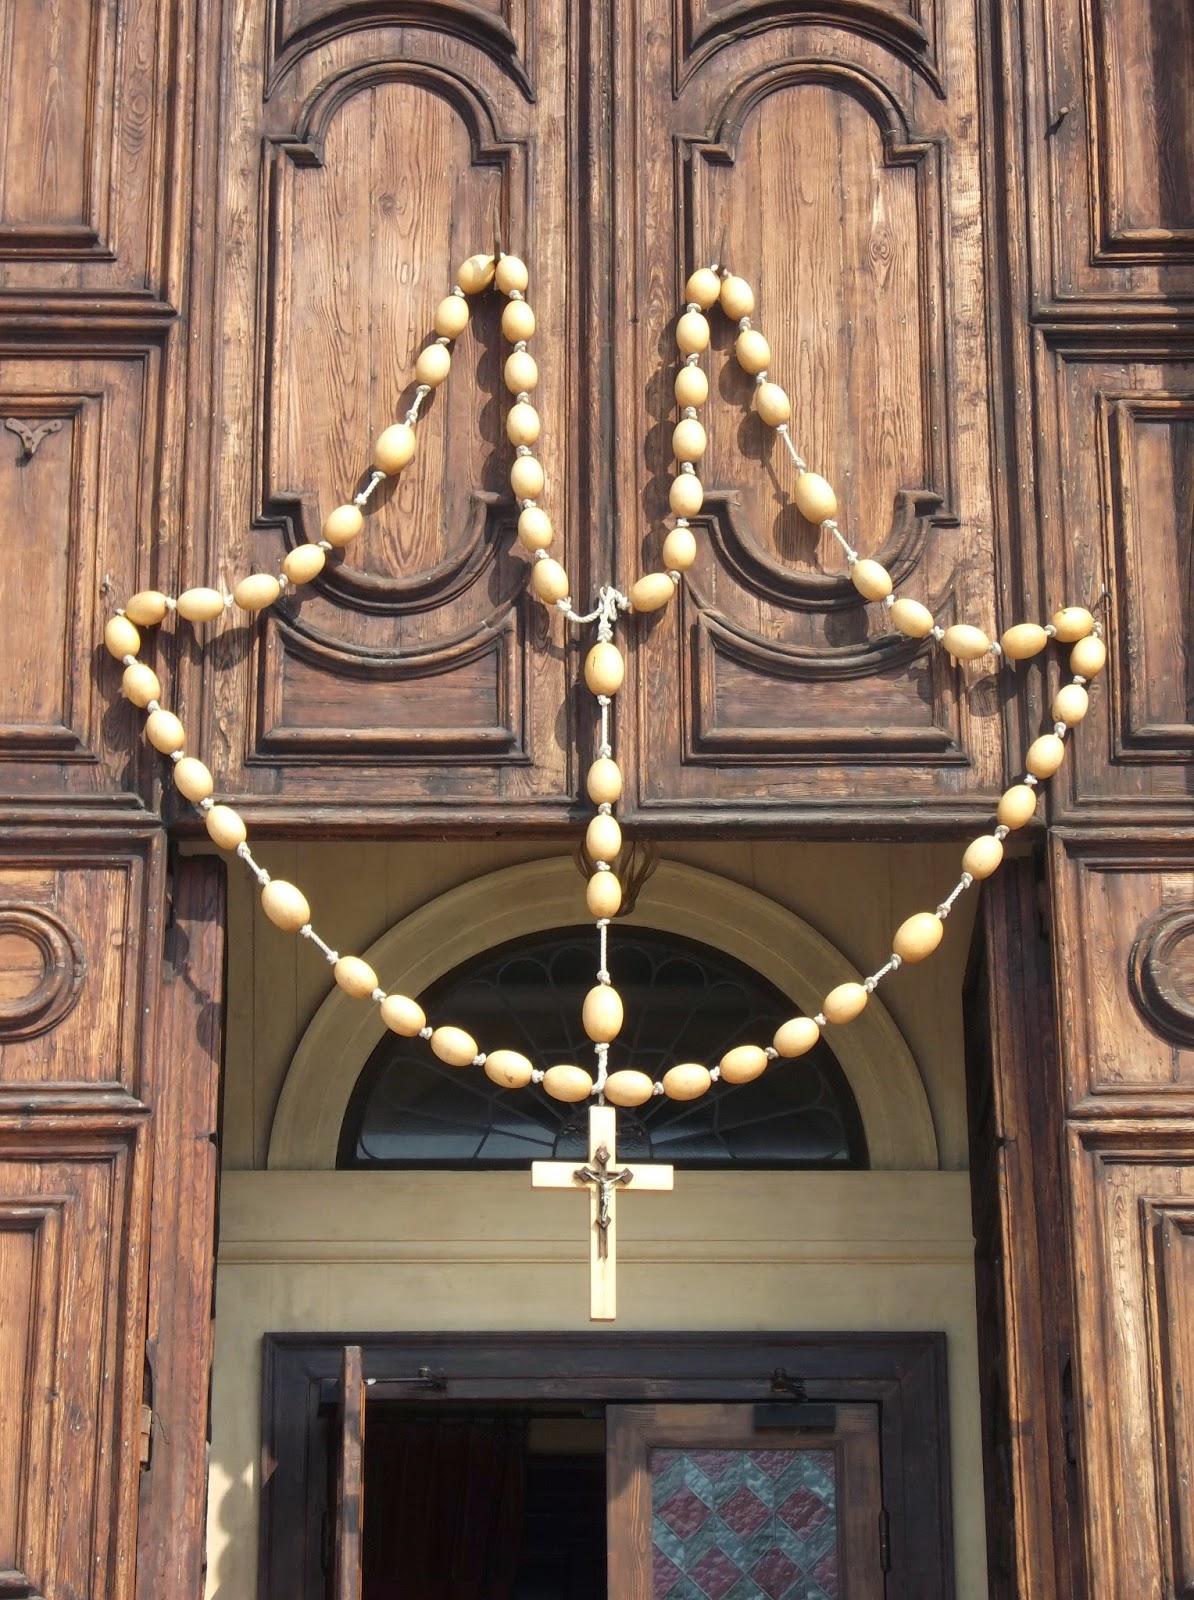 The Festa del Rosario at the church of Santa Maria del Rosario in Venice.